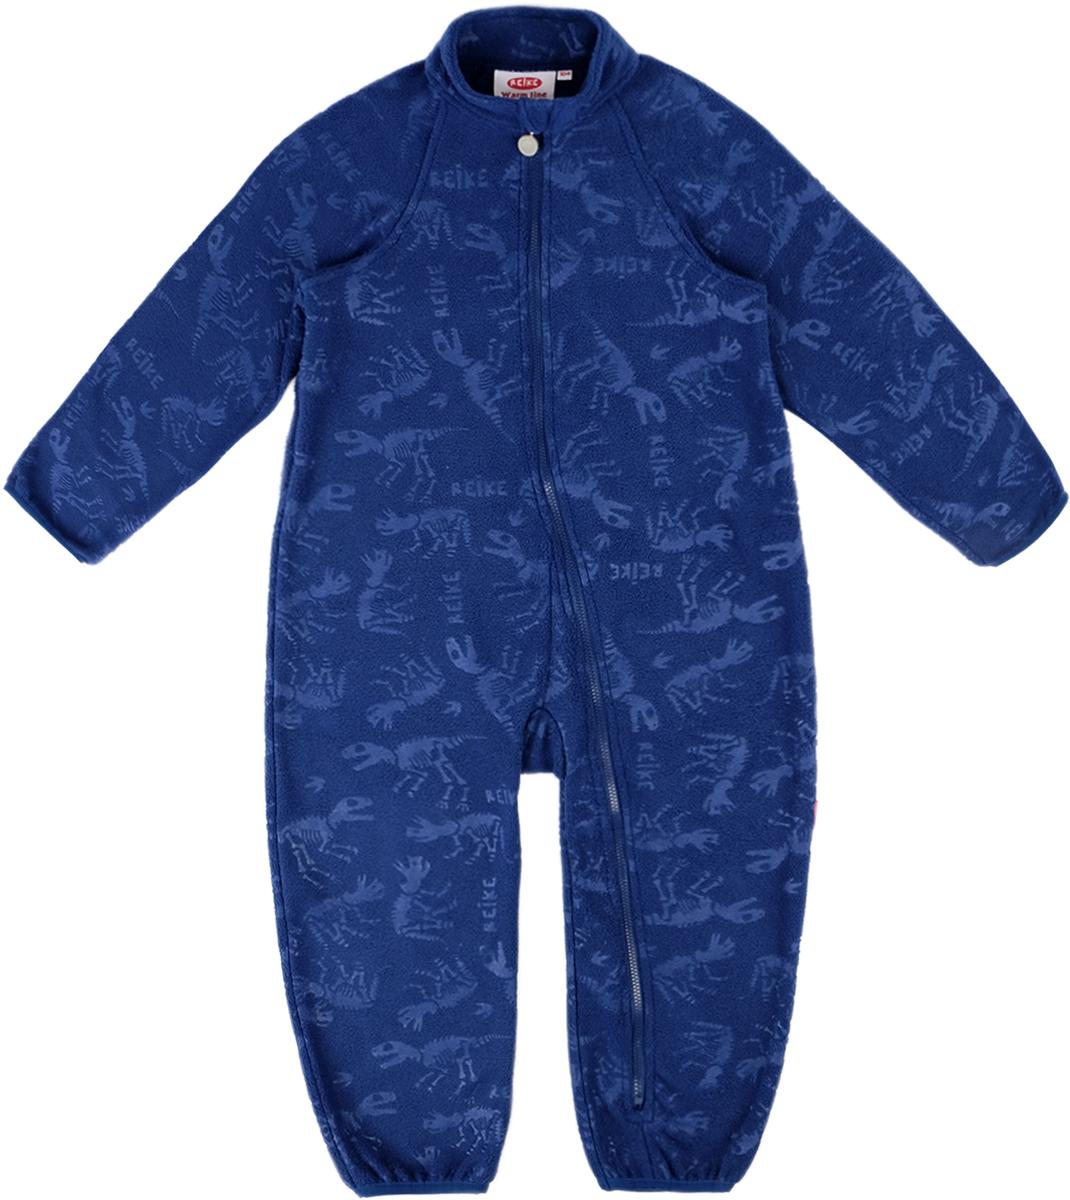 Комбинезон утепленный детский флисовый Reike, цвет: синий. WL-15_navy. Размер 80WL-15_navyФлисовый комбинезон Reike выполнен из мягкого и теплого флиса, идеально подойдет в прохладное время года. Длинные рукава, воротник-стойка, комбинезон застегивается на длинную застежку-молнию, имеется защита подбородка. Флис «дышит» и, в отличие от натуральных тканей, не накапливает влагу, а отводит ее от тела, обеспечивая комфорт. Комбинезон можно носить отдельно, как домашнюю одежду, и надевать под верхнюю одежду Reike для создания дополнительного утепления.